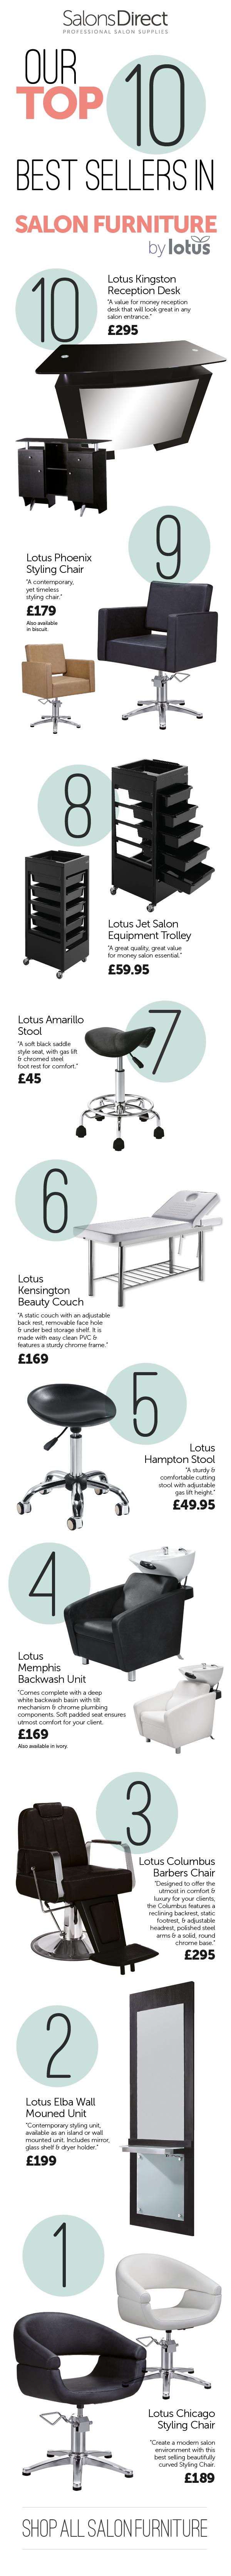 Salon Furniture | Salons Direct